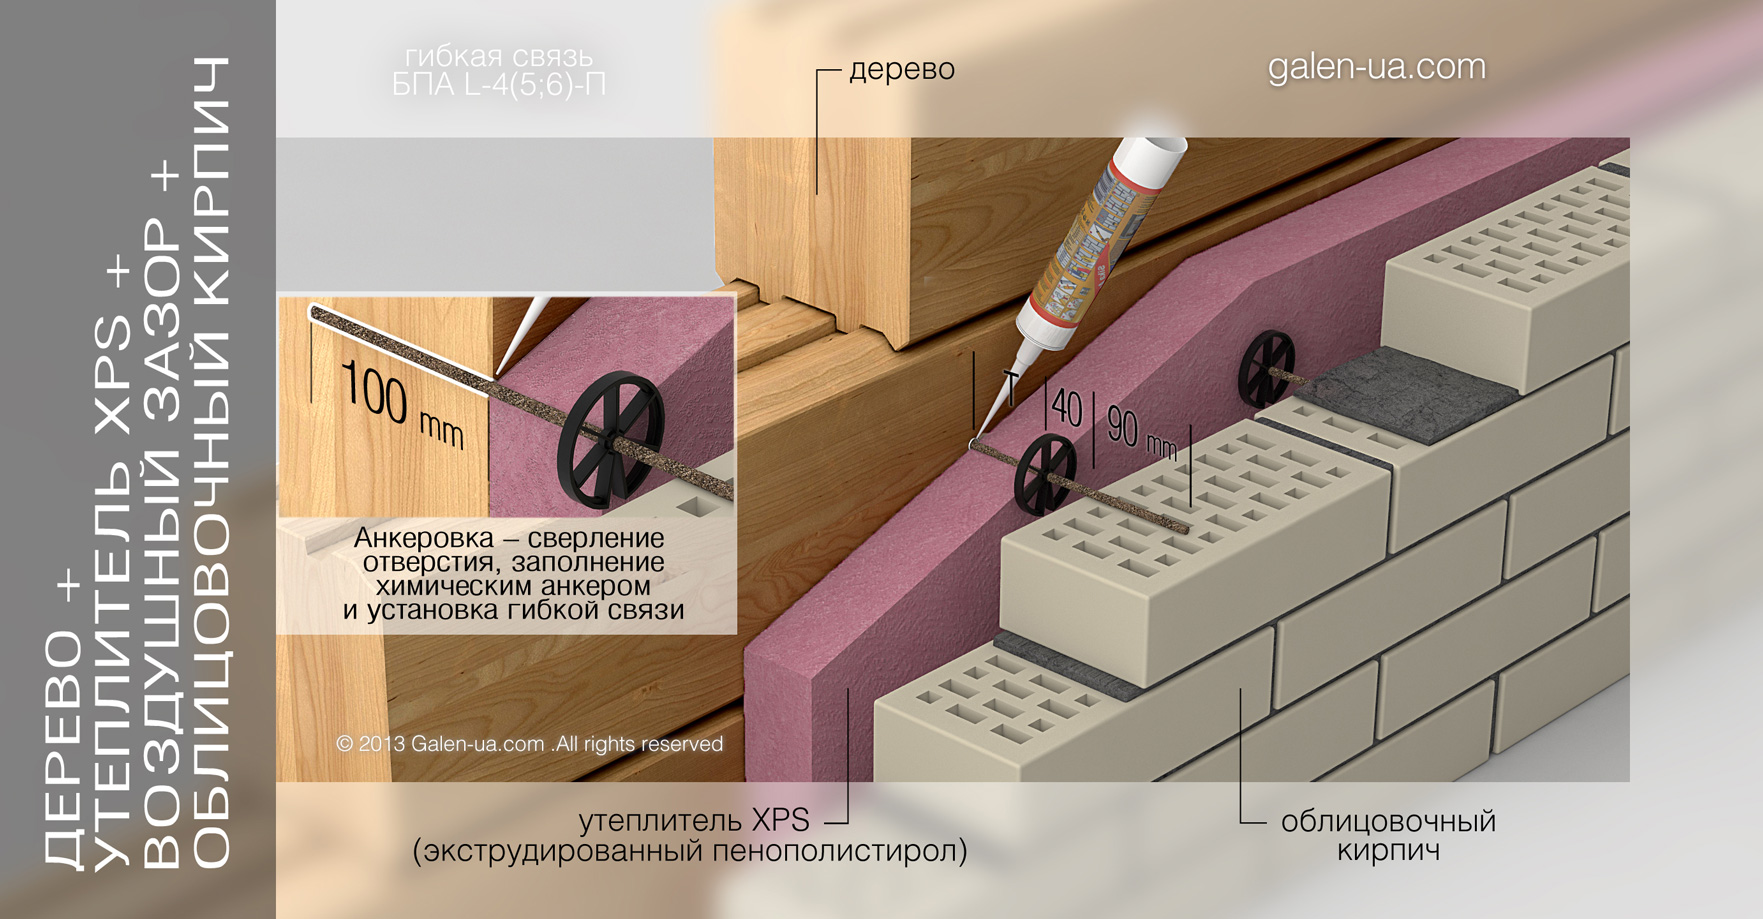 Гибкая связь БПА L-4(5;6)-П: Дерево + Утеплитель XPS + Воздушный зазор + Облицовочный кирпич